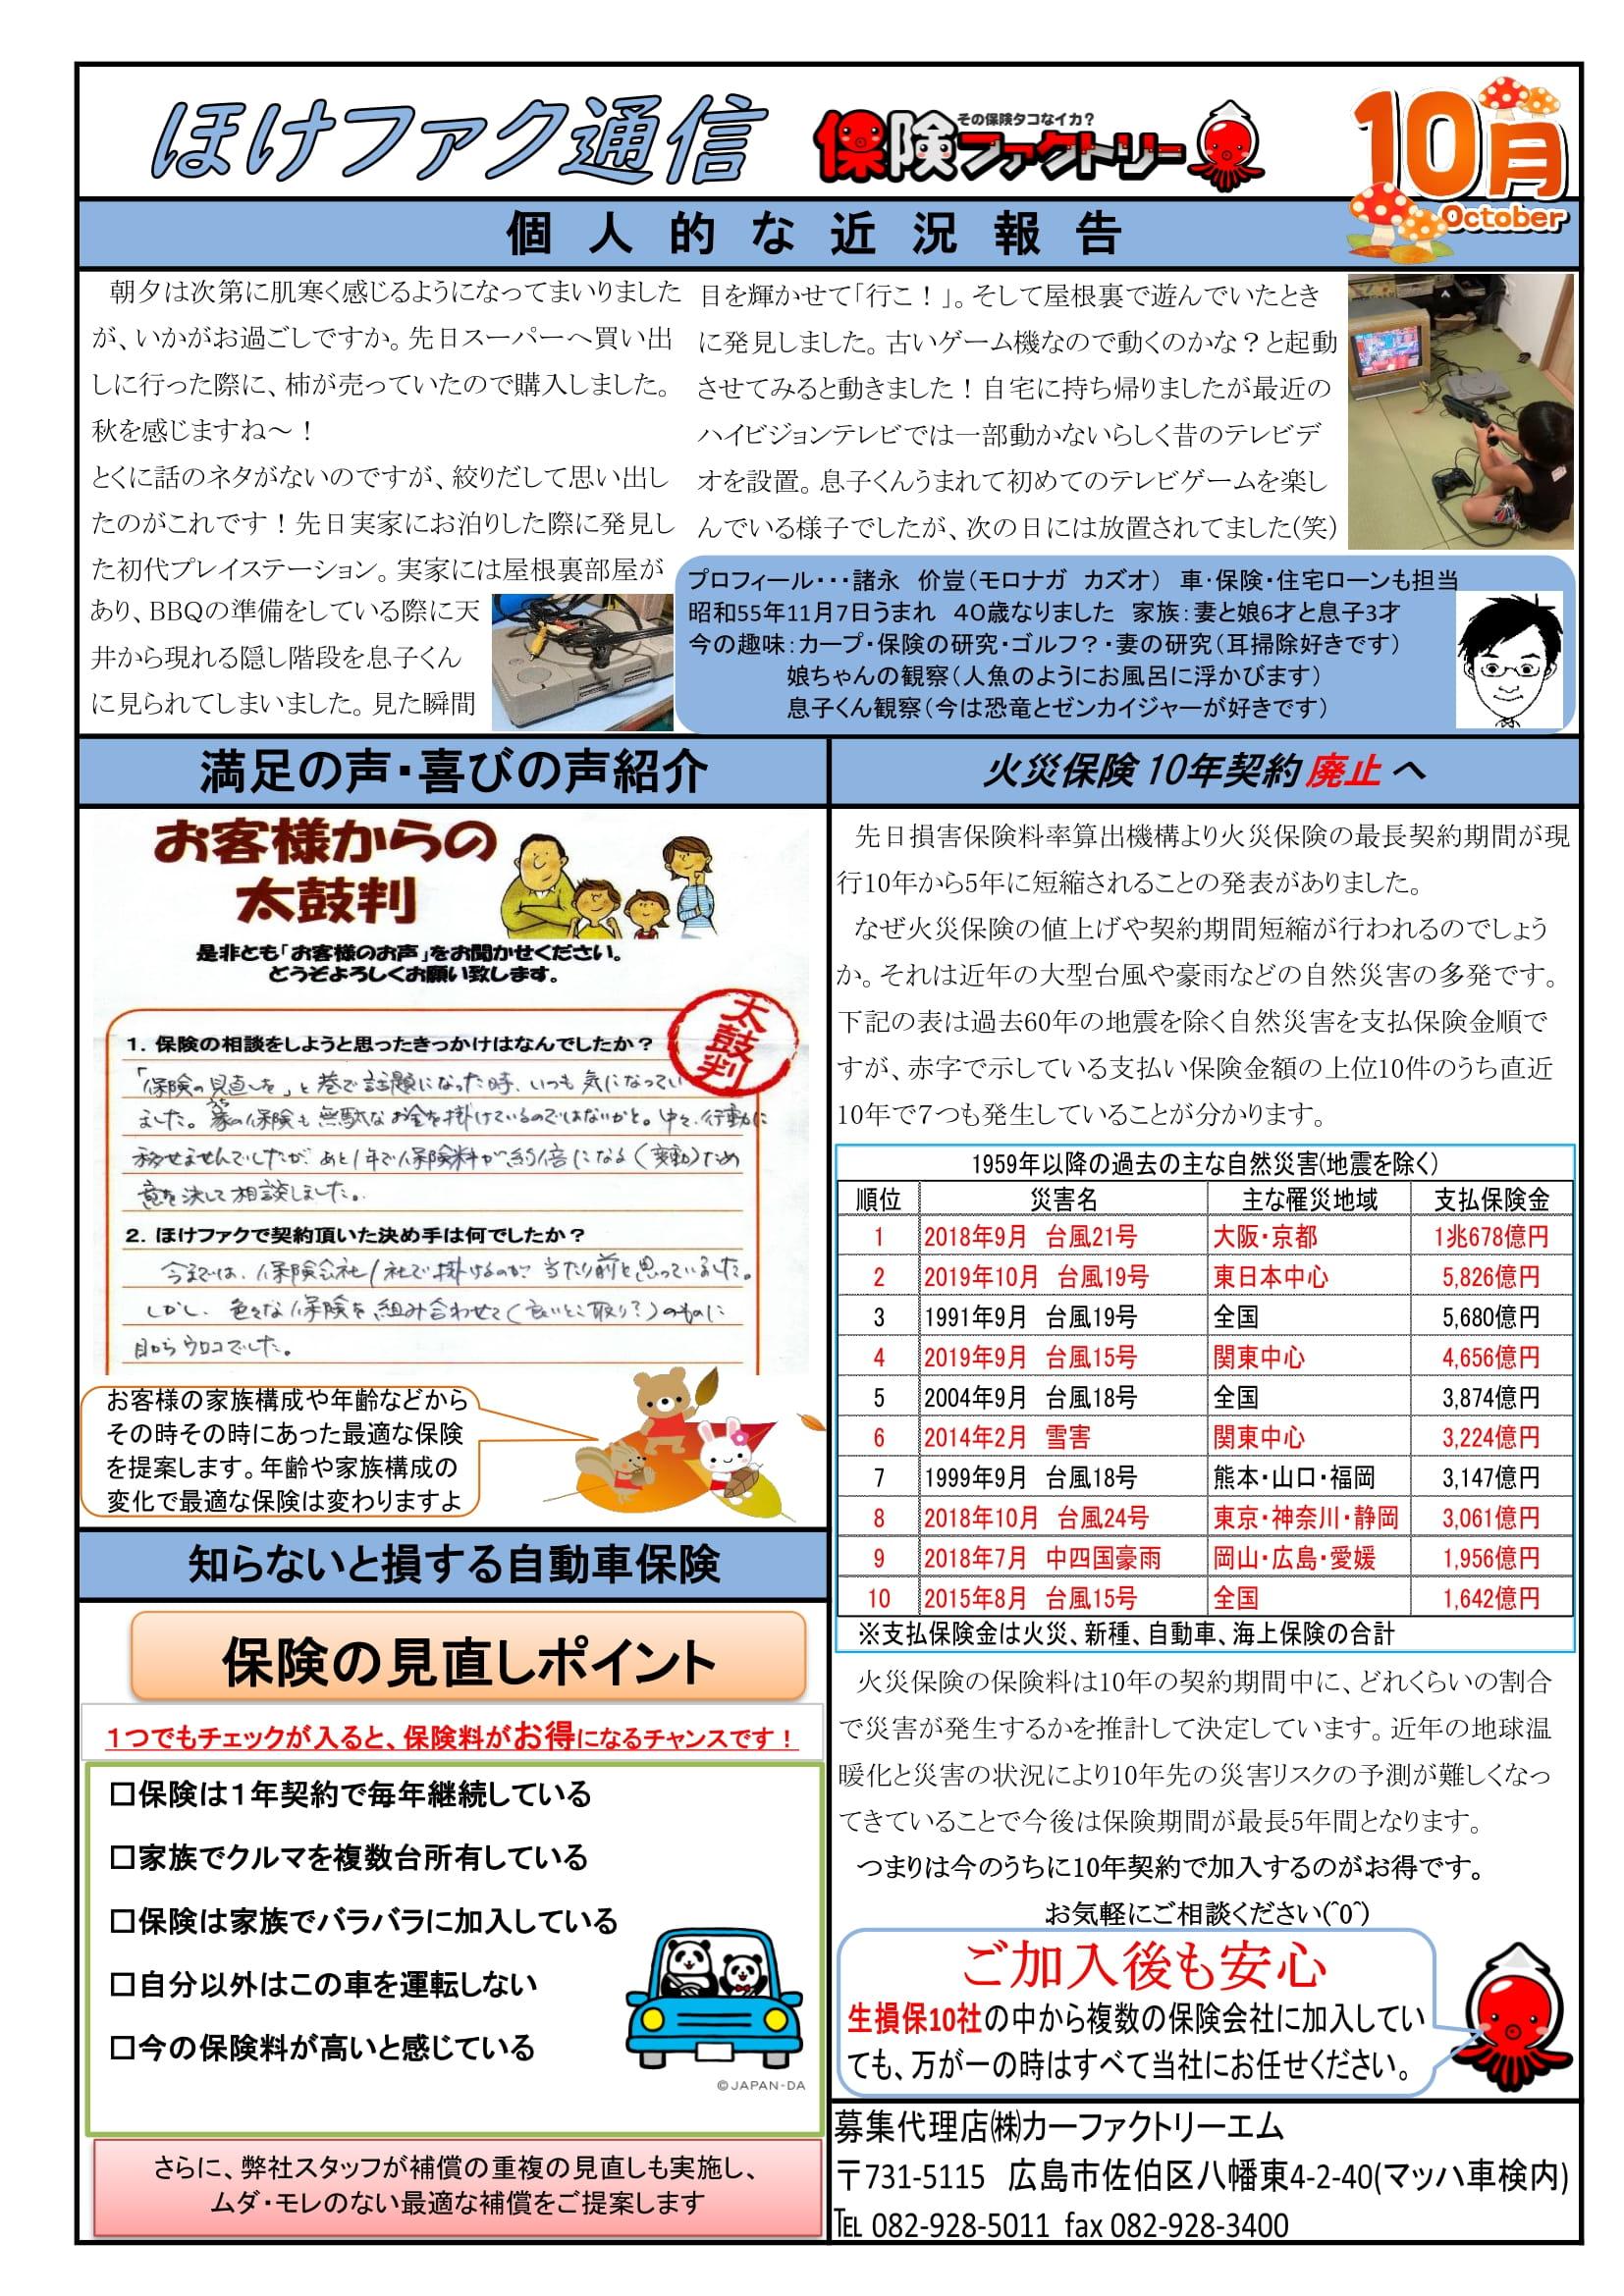 マッハ車検五日市石内バイパス店から 保険ファクトリー通信令和3年10月号